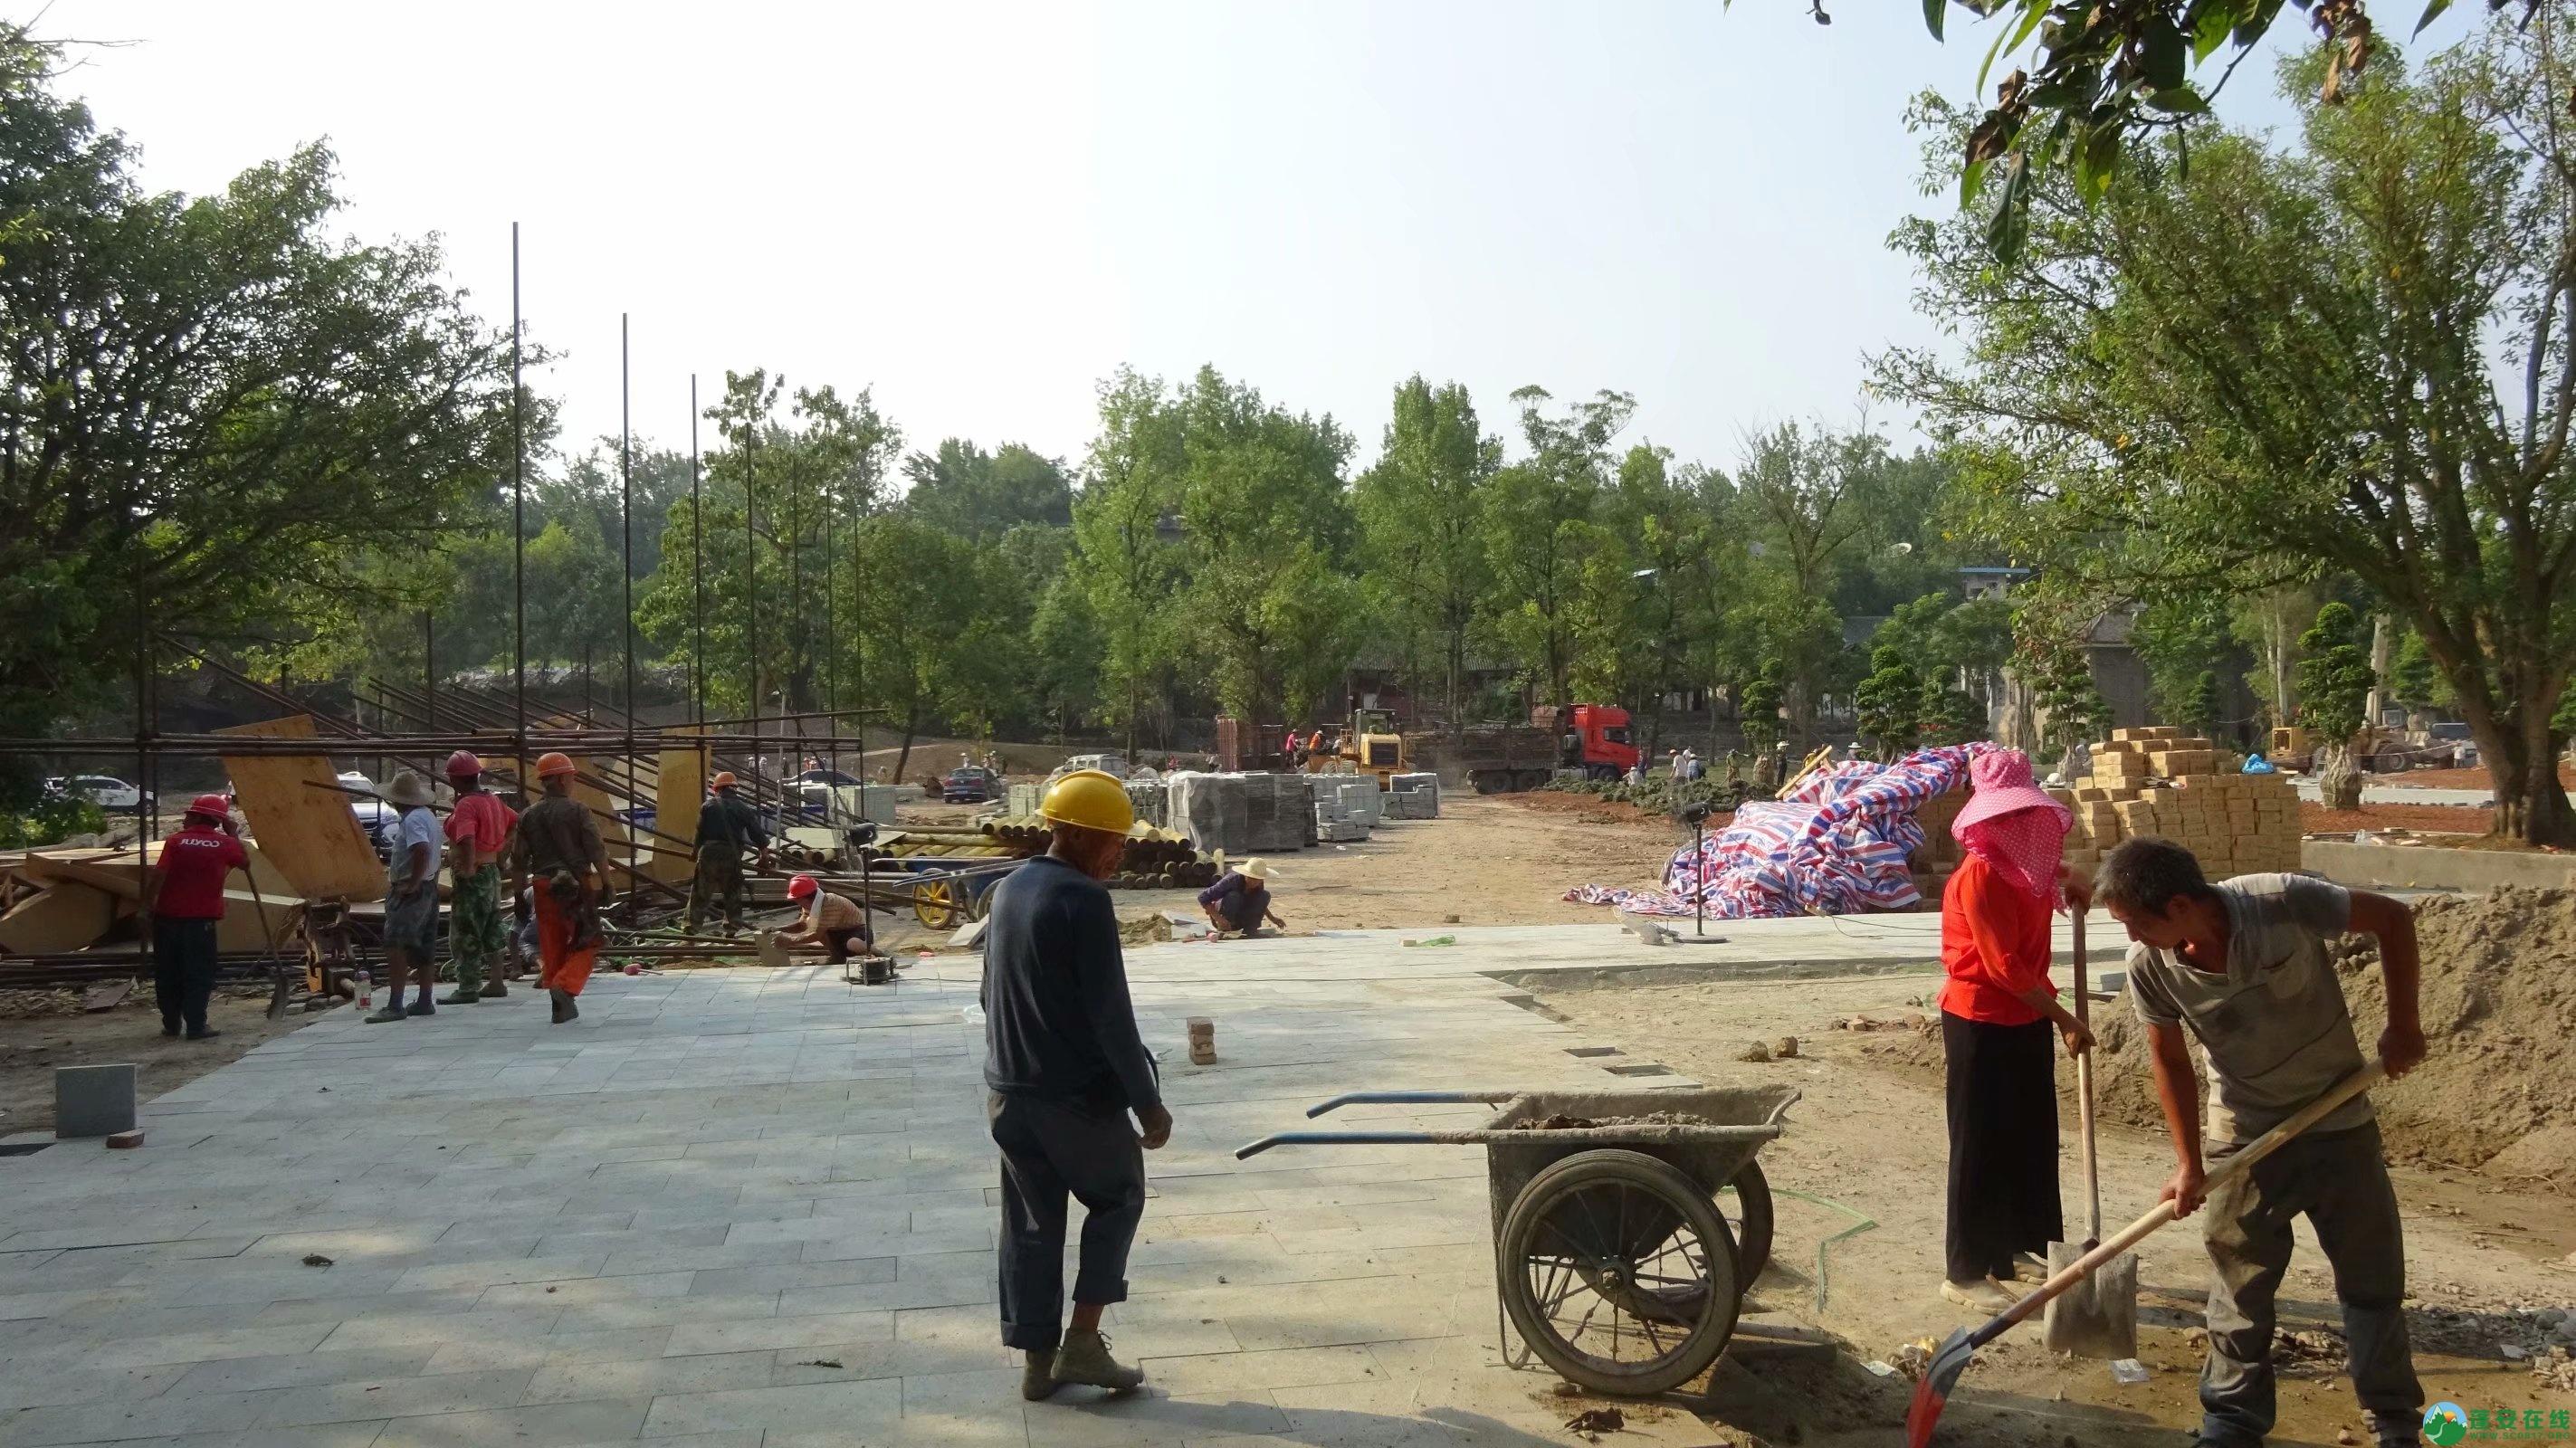 蓬安锦屏相如故城建设迅猛 - 第40张  | 蓬安在线